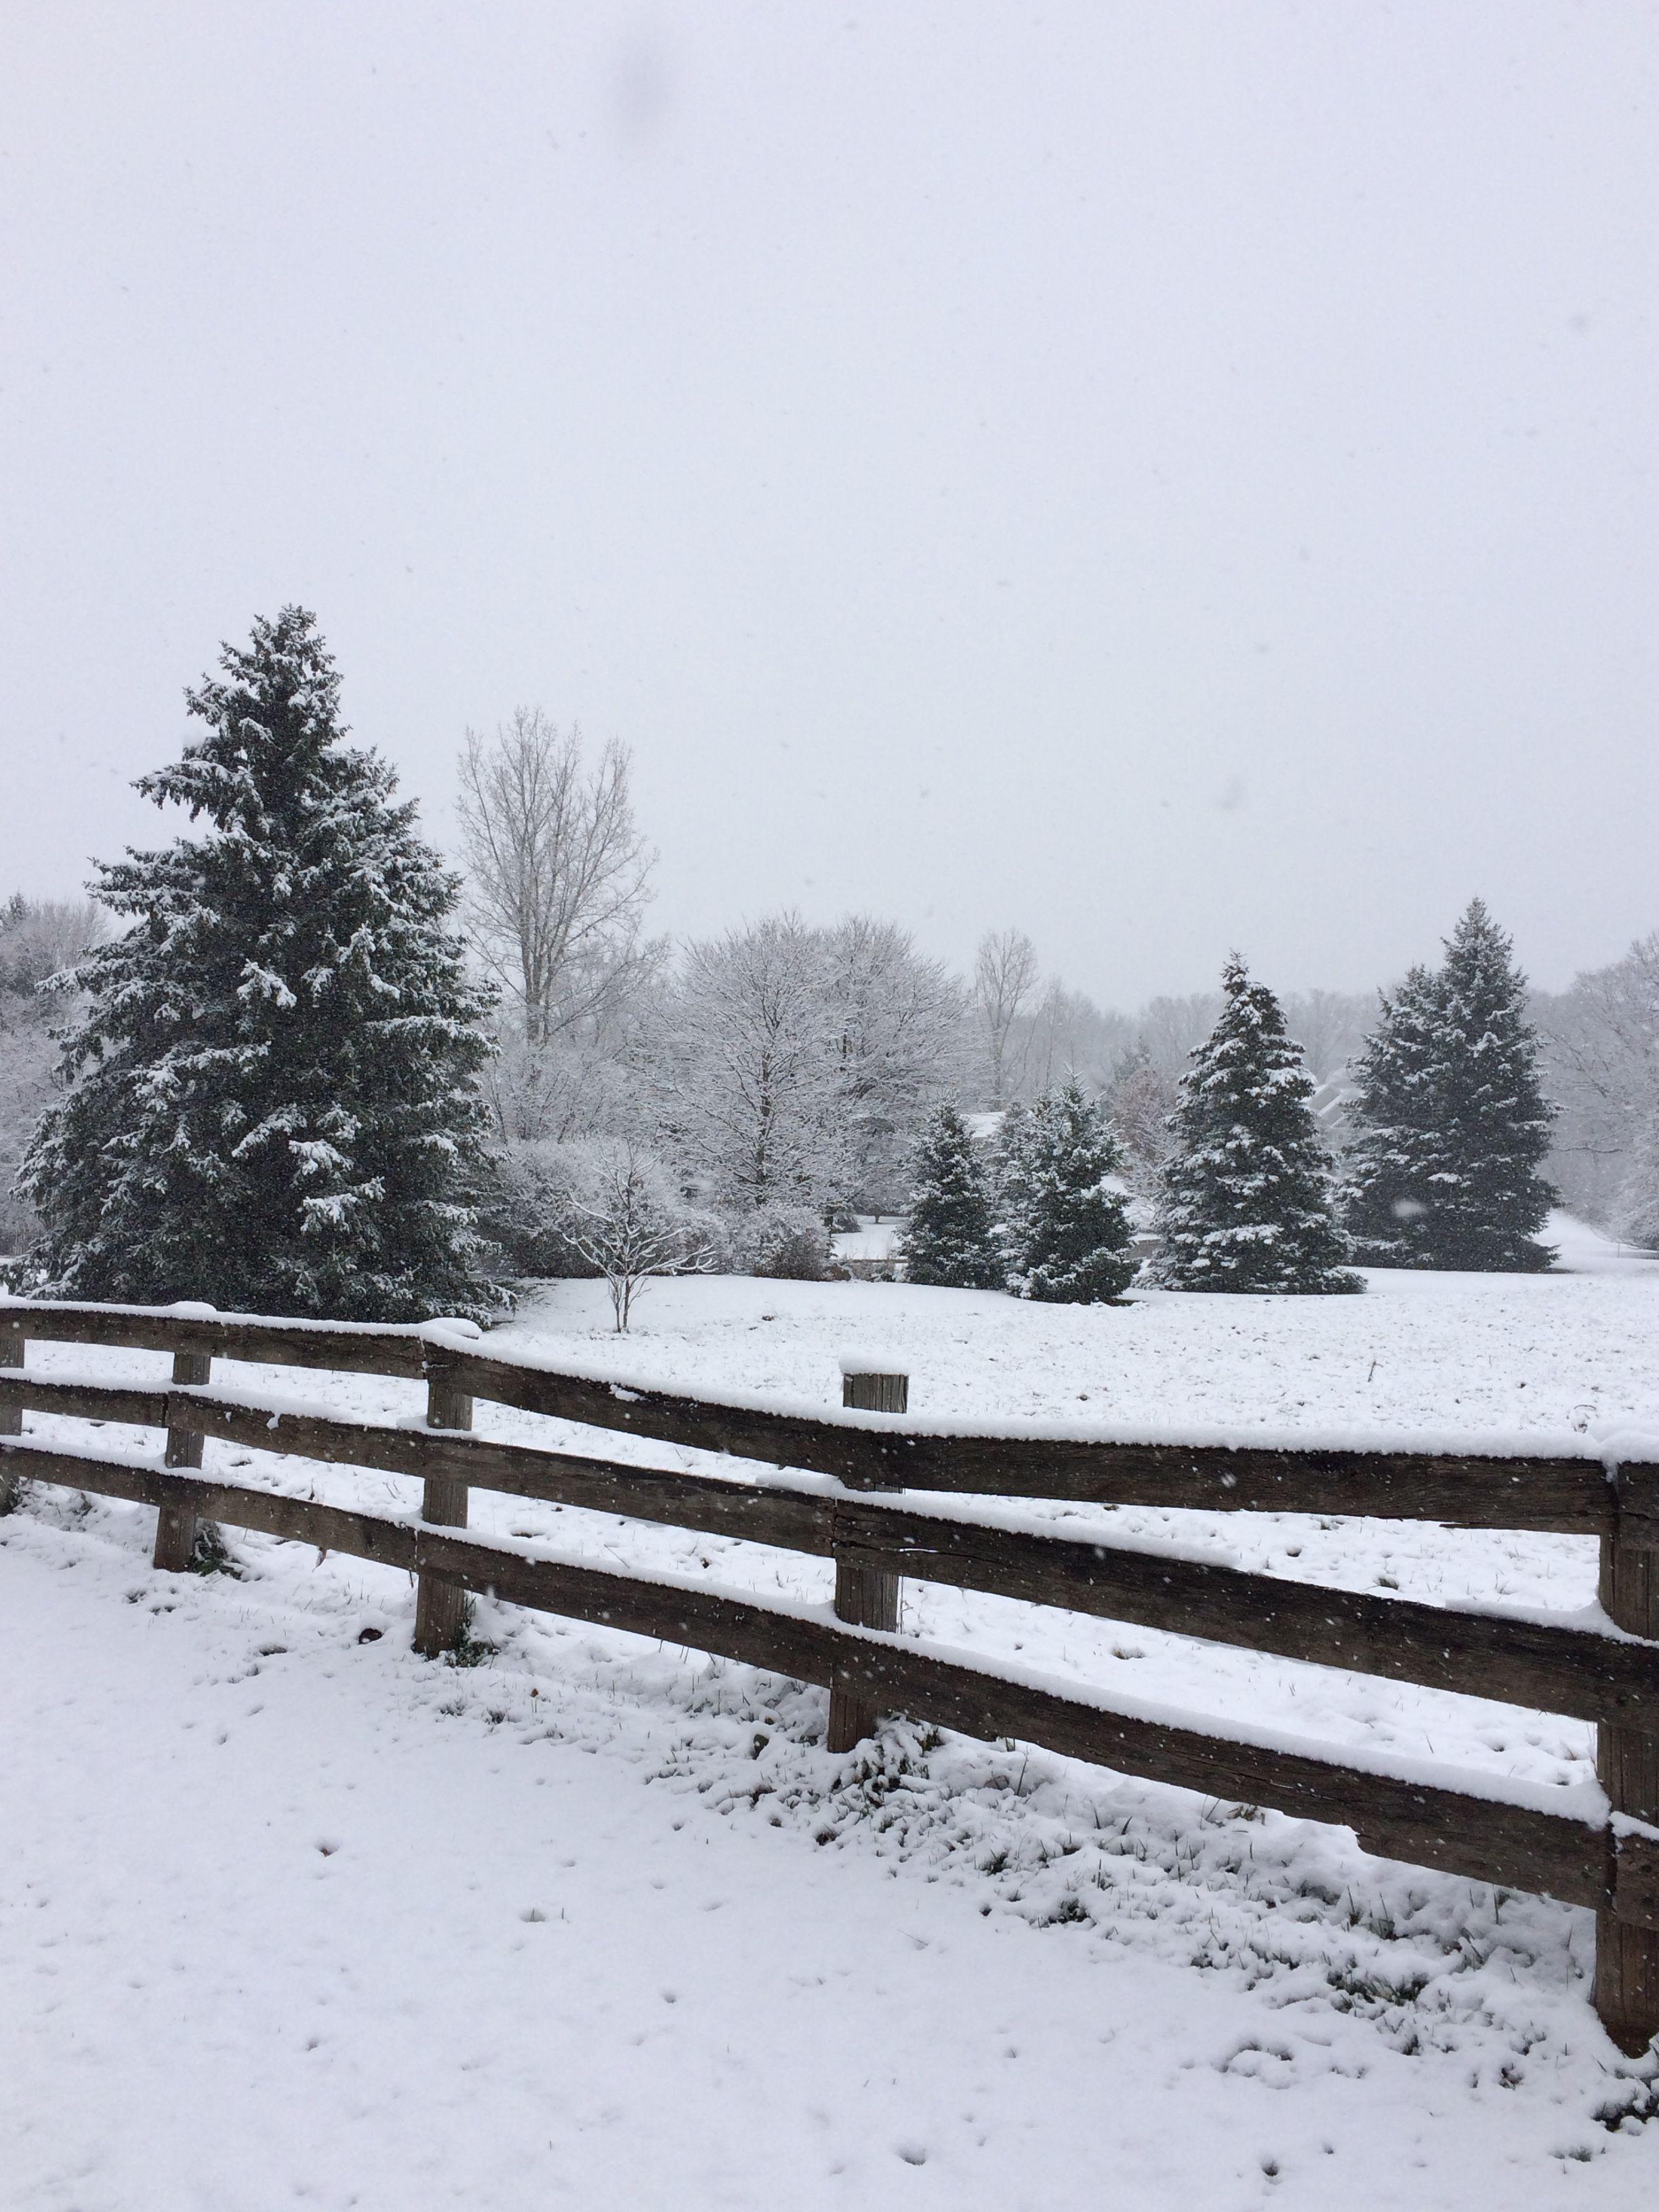 Winter in November 2015